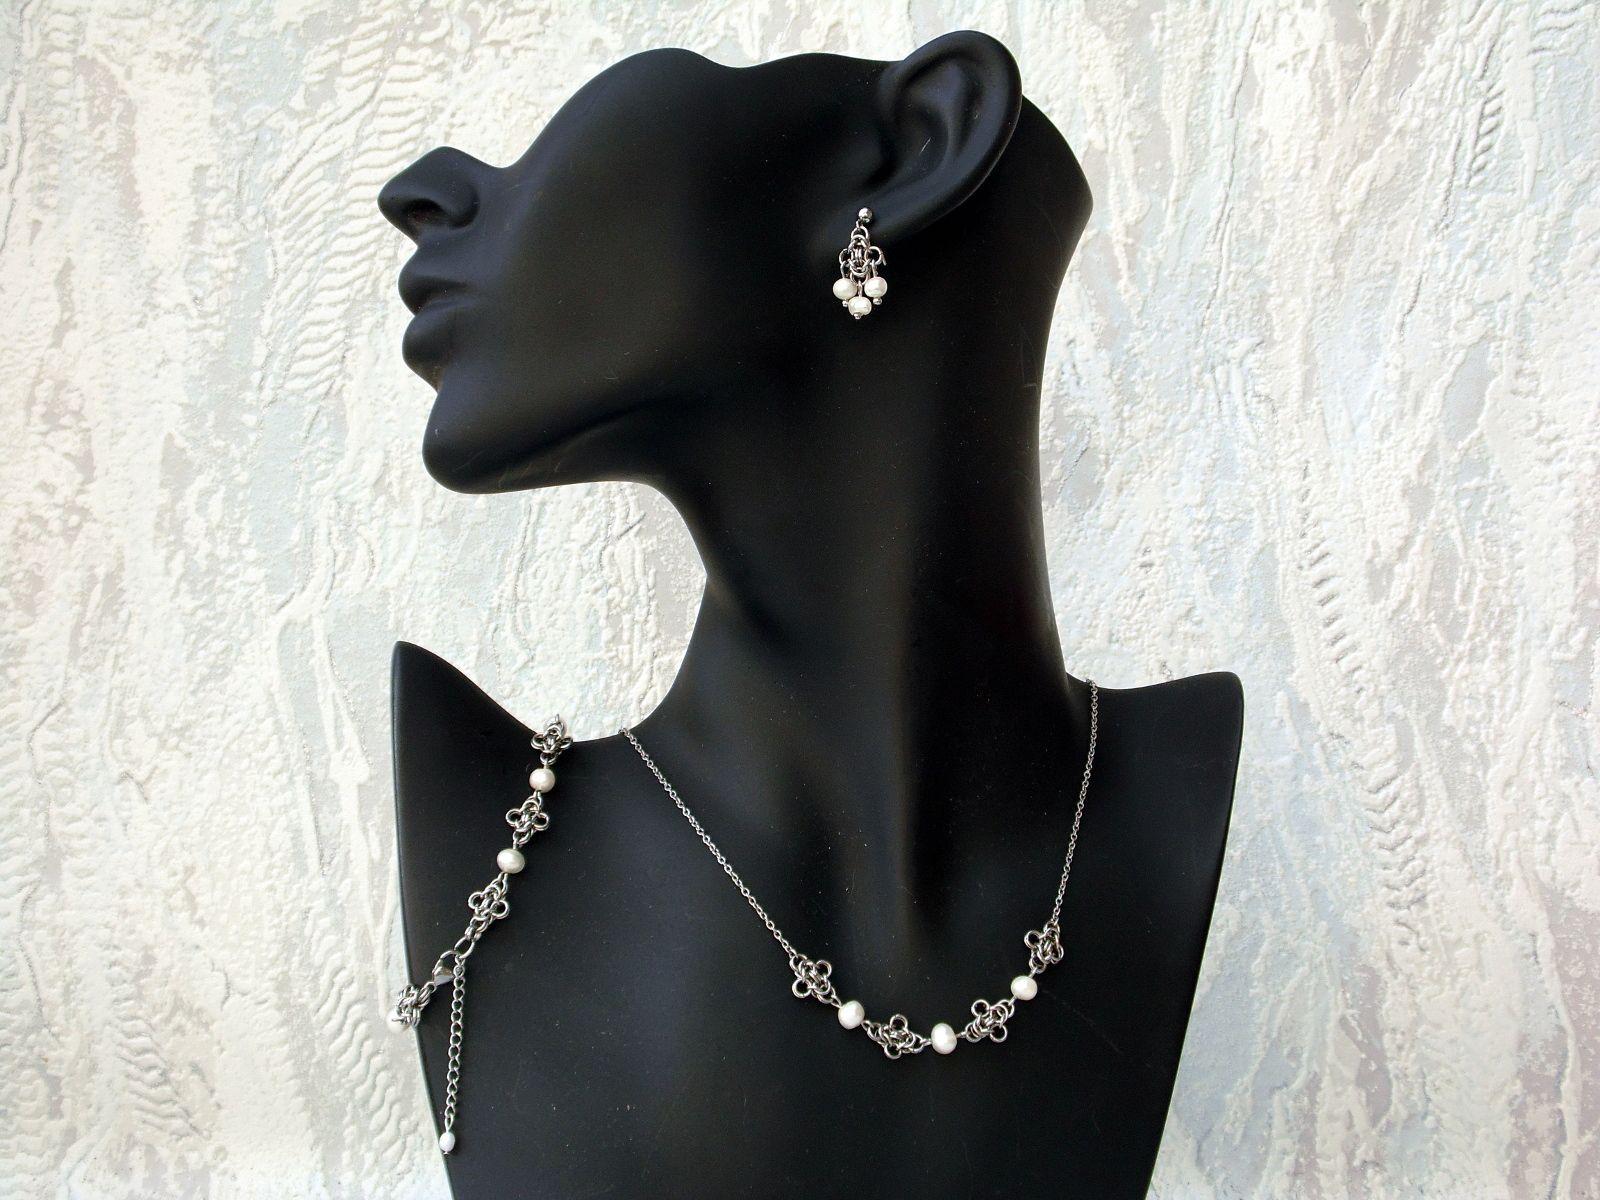 Komplet z naturalnymi perłami z kolekcji Sauvage